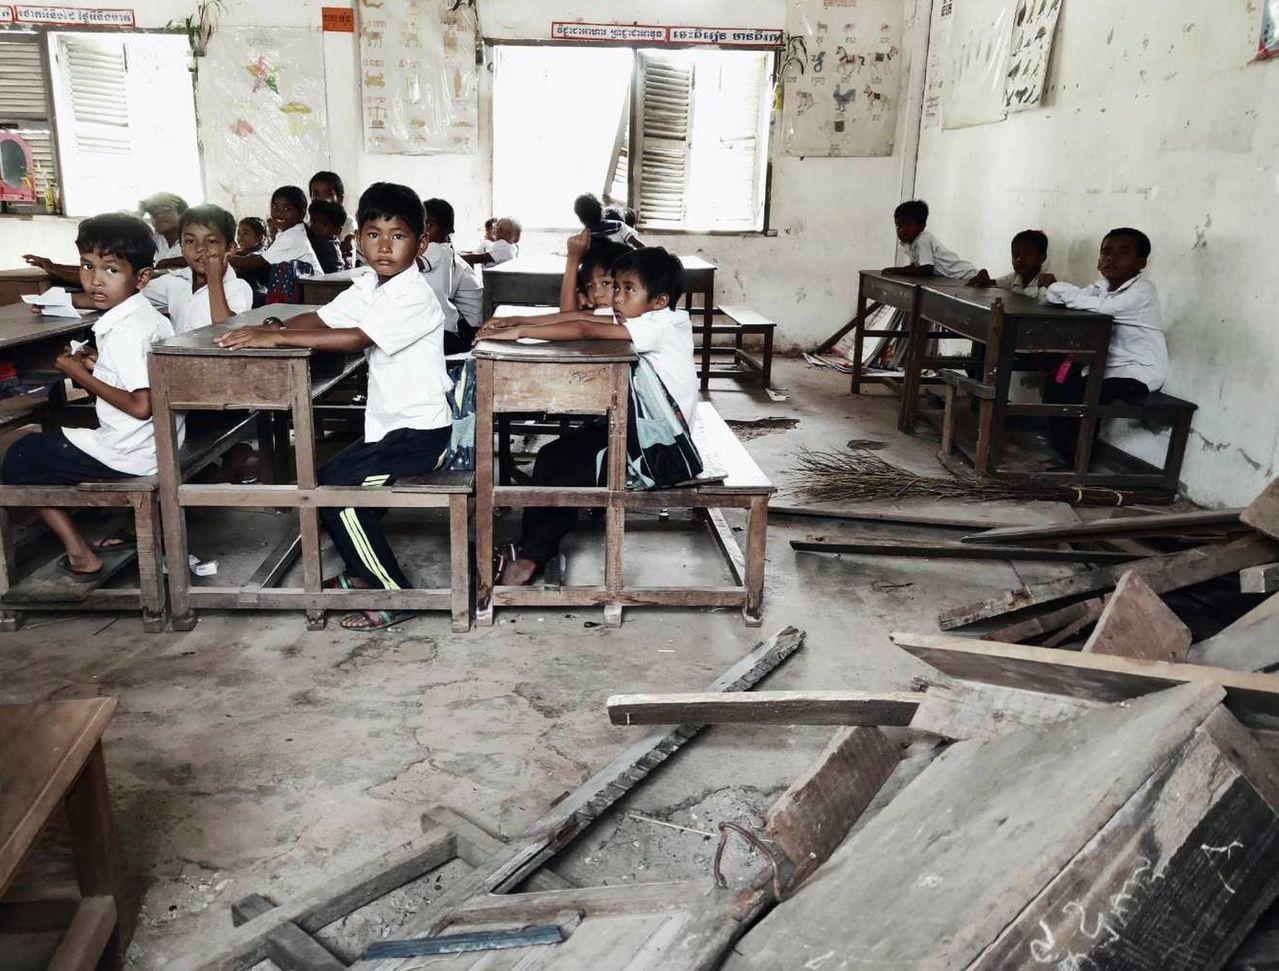 柬埔寨偏鄉教育資源不足,學童在簡陋的教室內克難學習。圖/同濟會梓官分會提供